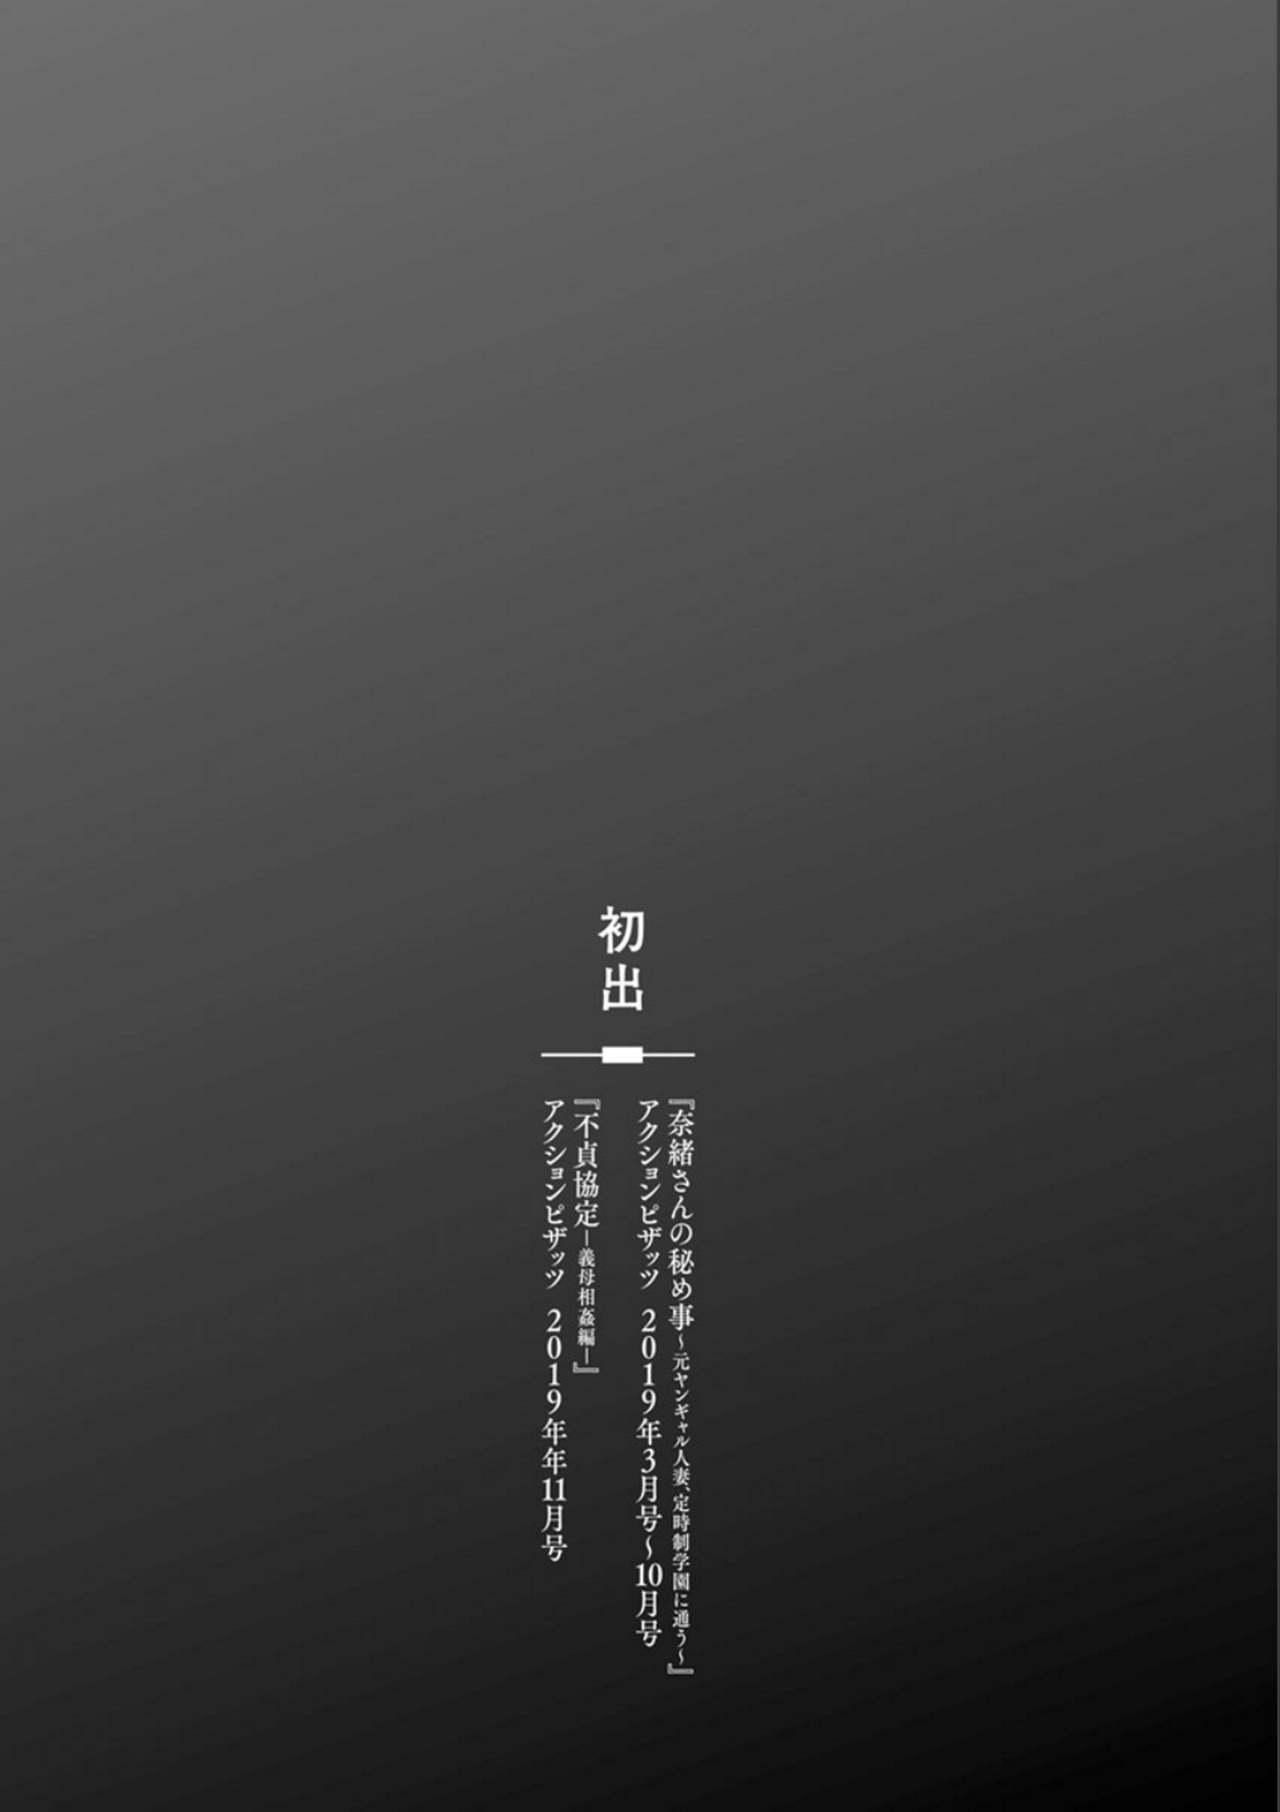 Nao's Secret 188